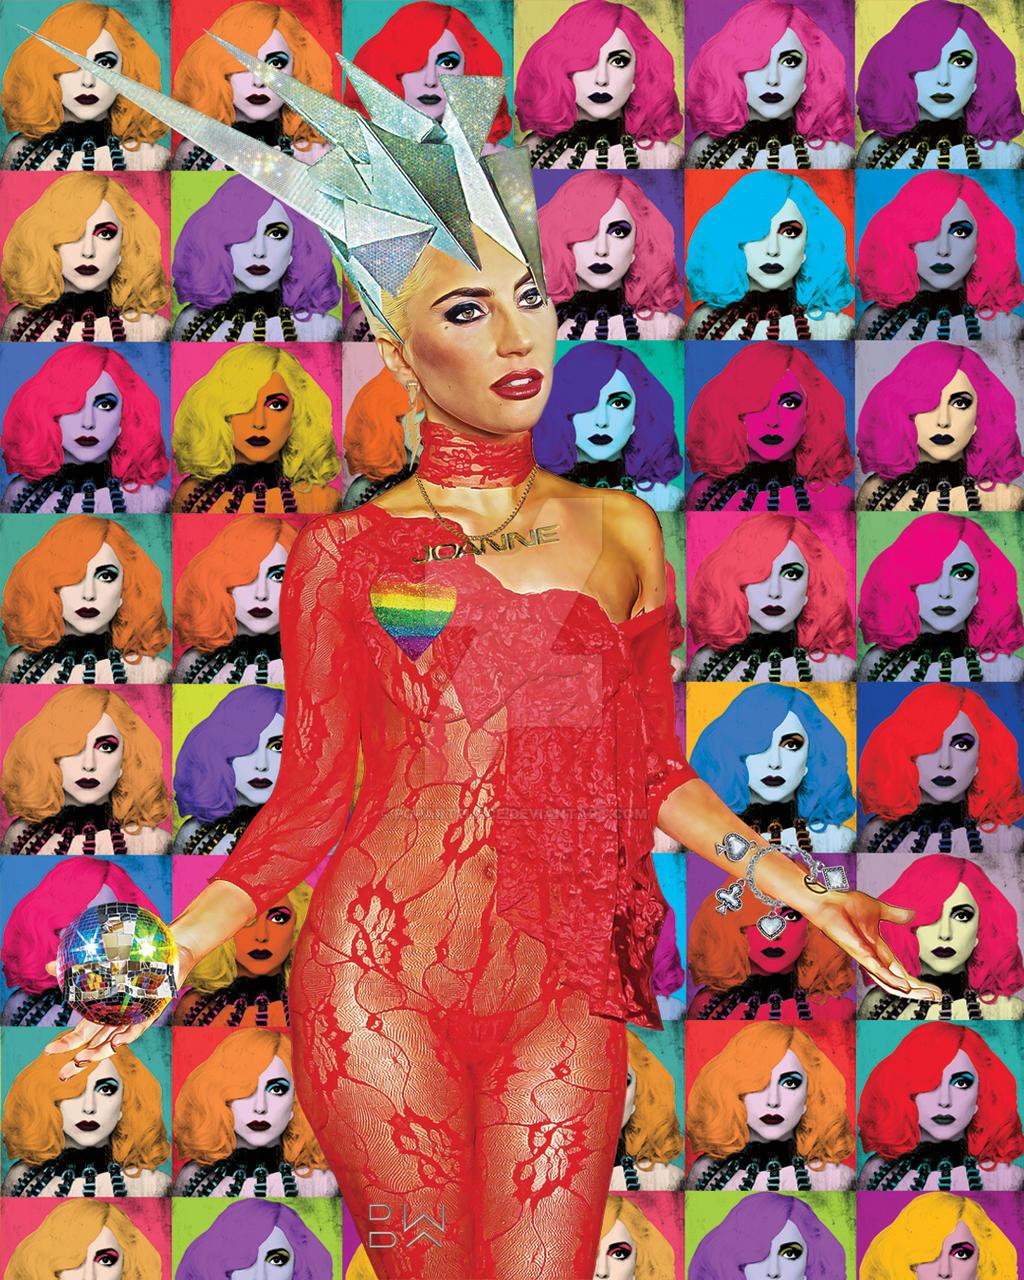 'Lady Fame POP' by popartplace